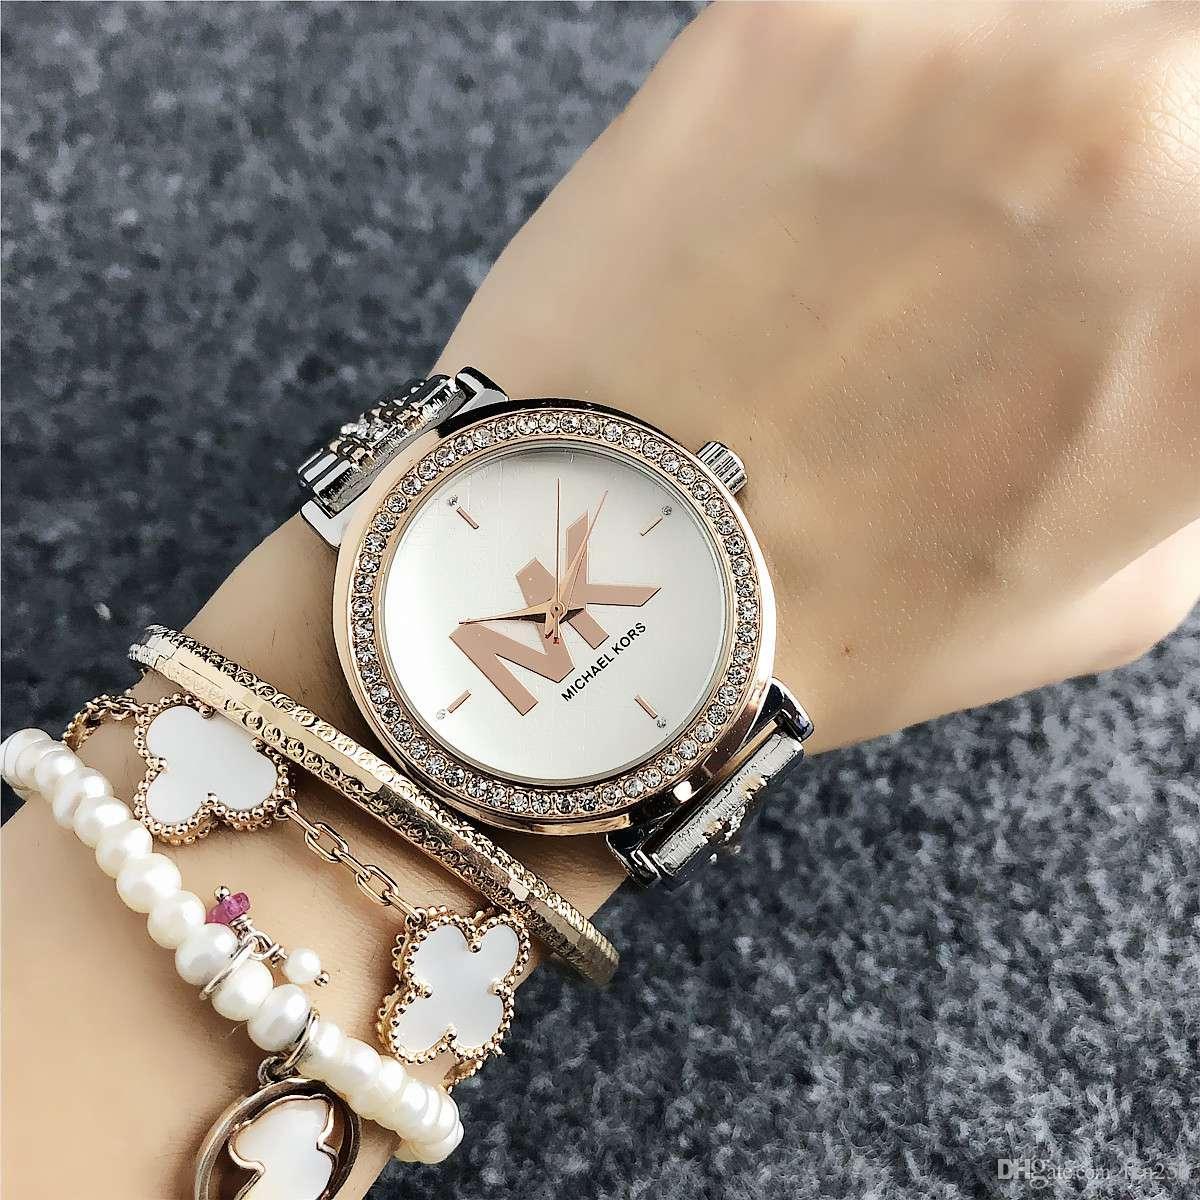 Fashion Damenuhr Luxus weibliche Uhr Edelstahlarmband Diamant Montre Femme 2019 Quarz Damen Relogio Feminino beobachten